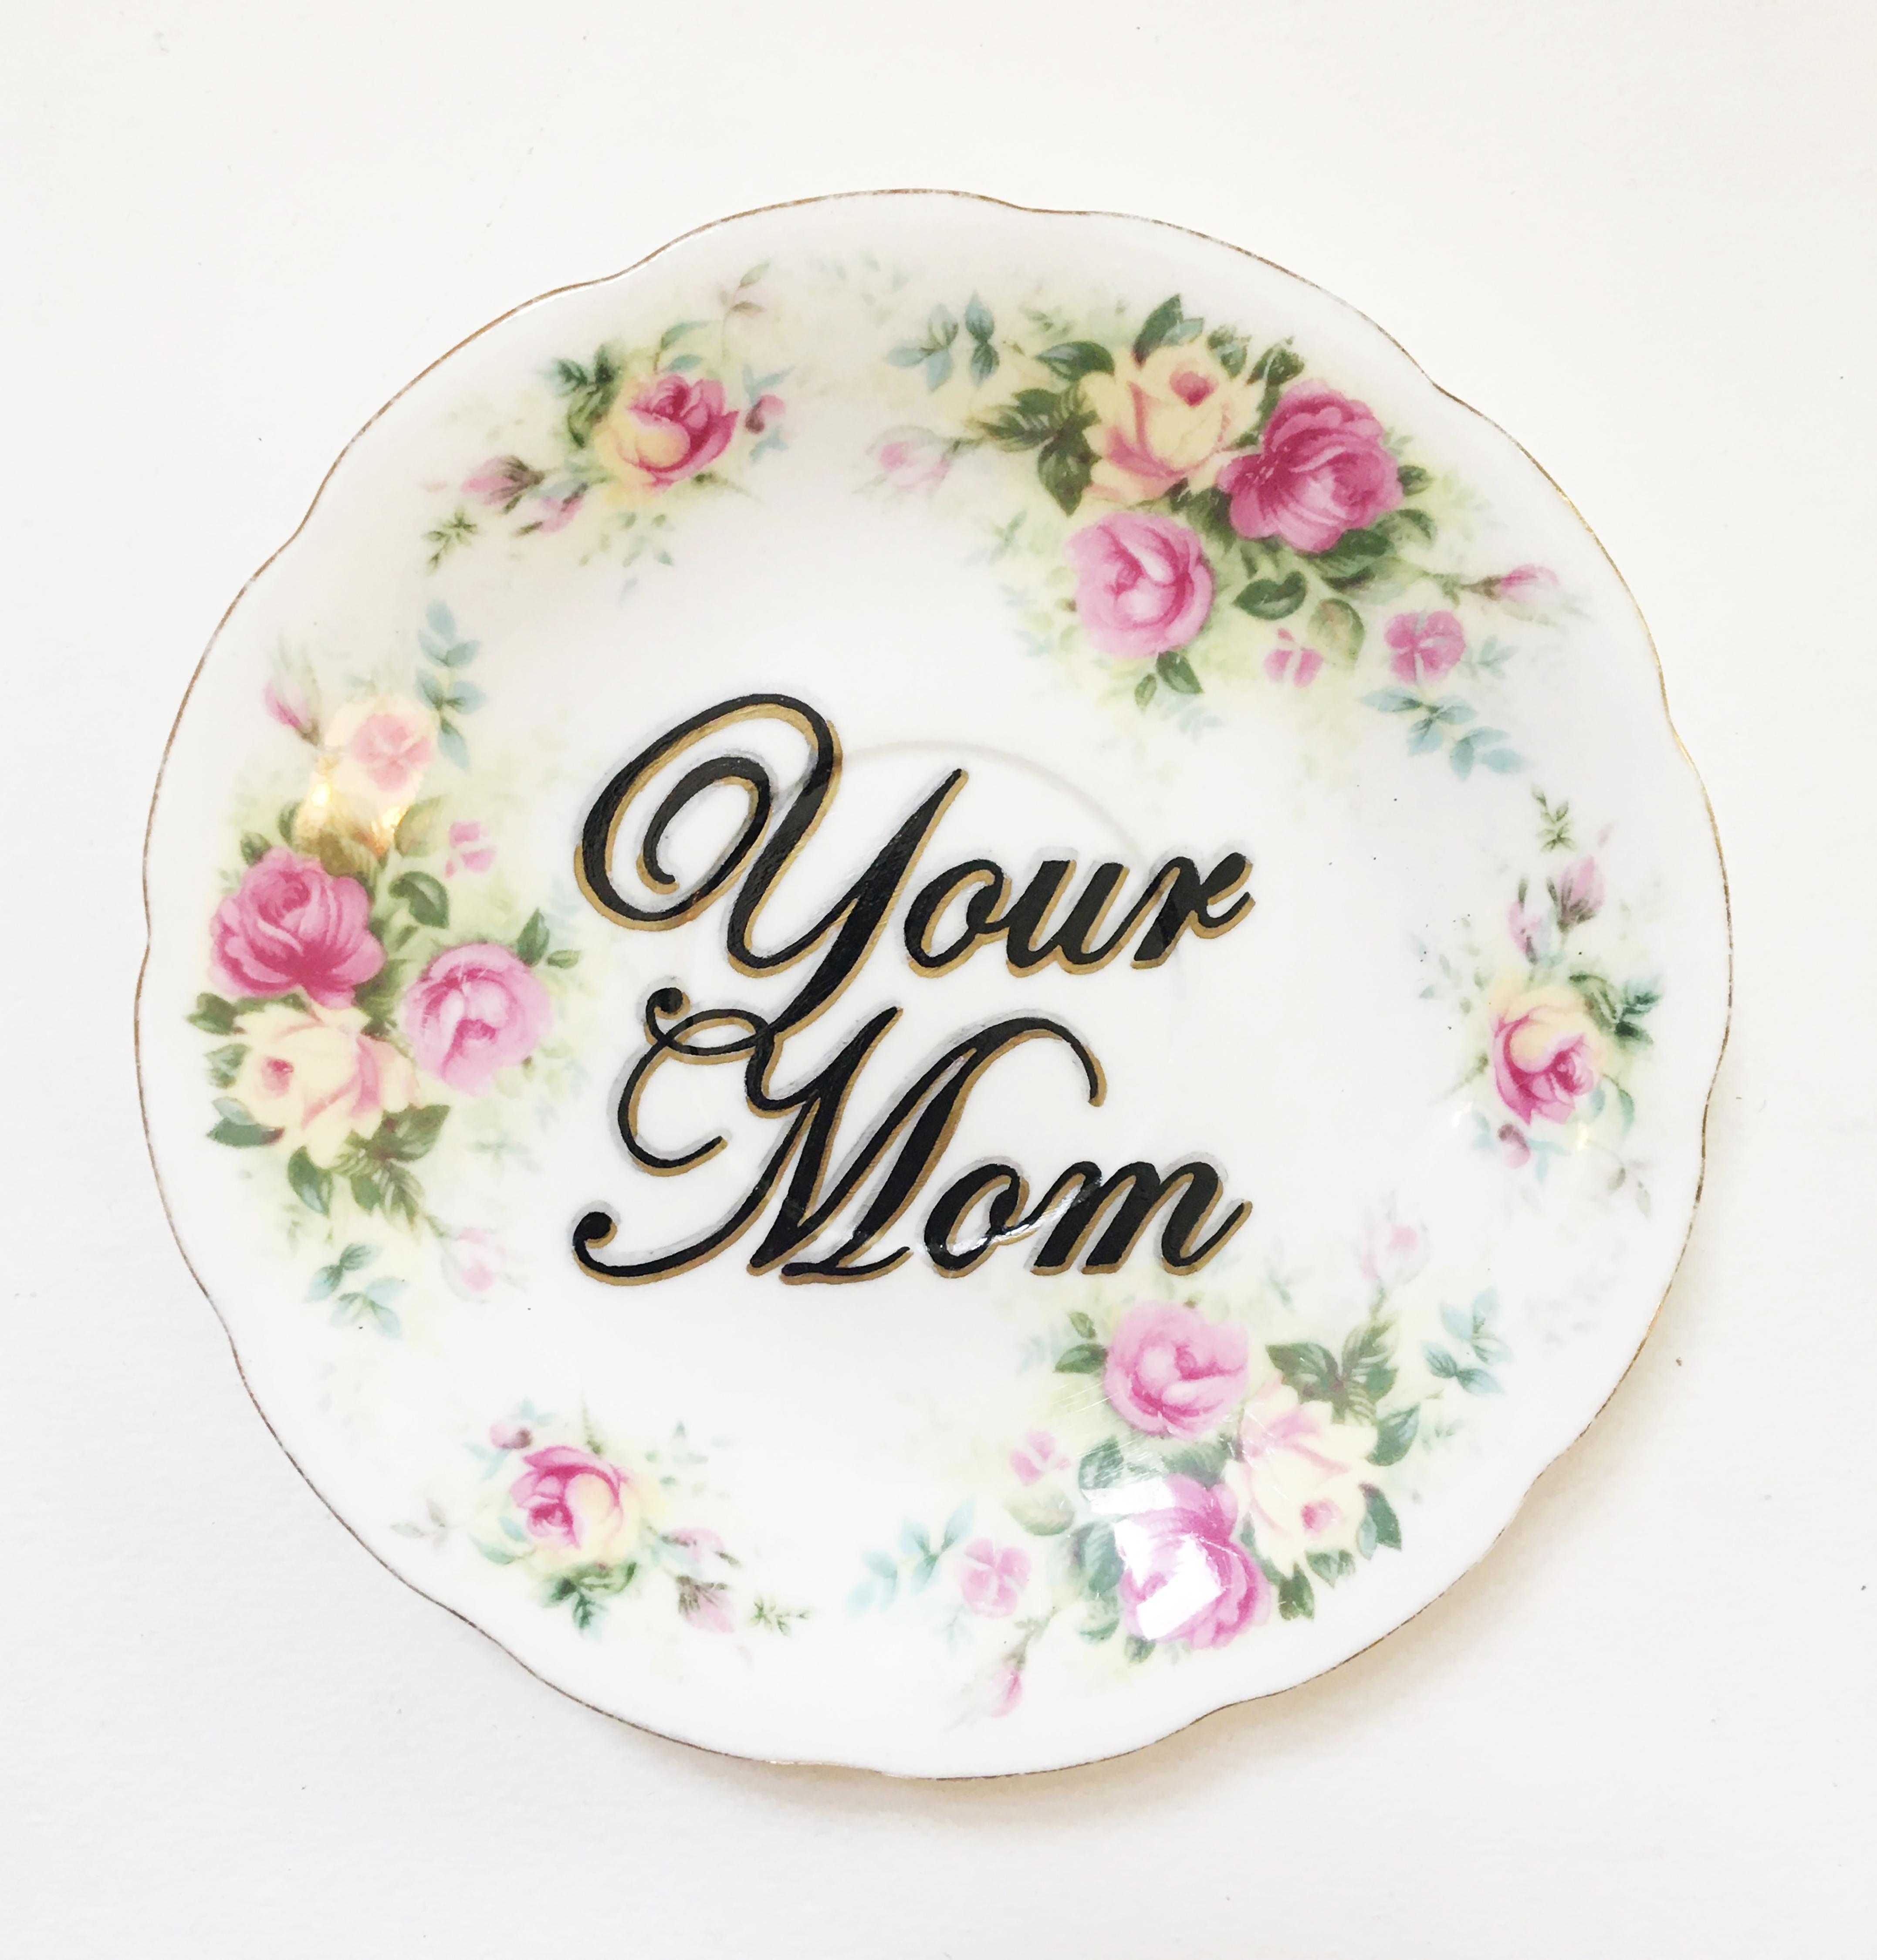 yourmom